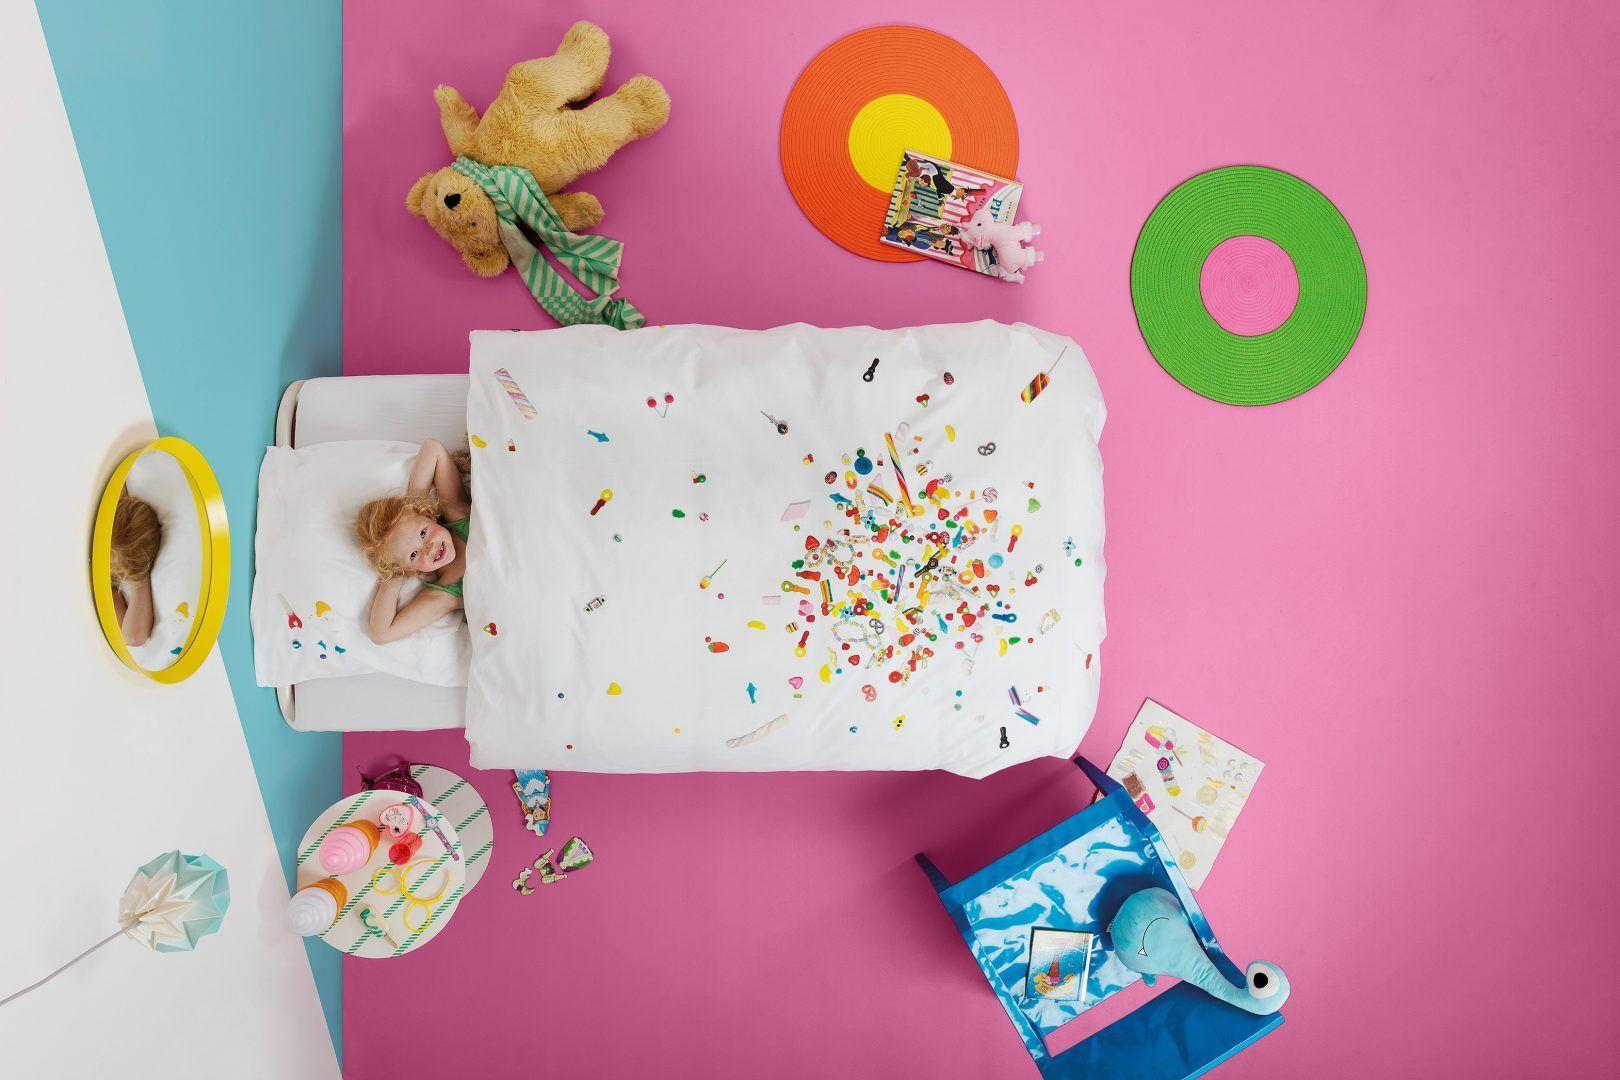 Candy Blast dekbedovertrek - De 15 mooiste sinterklaascadeaus van SNURK